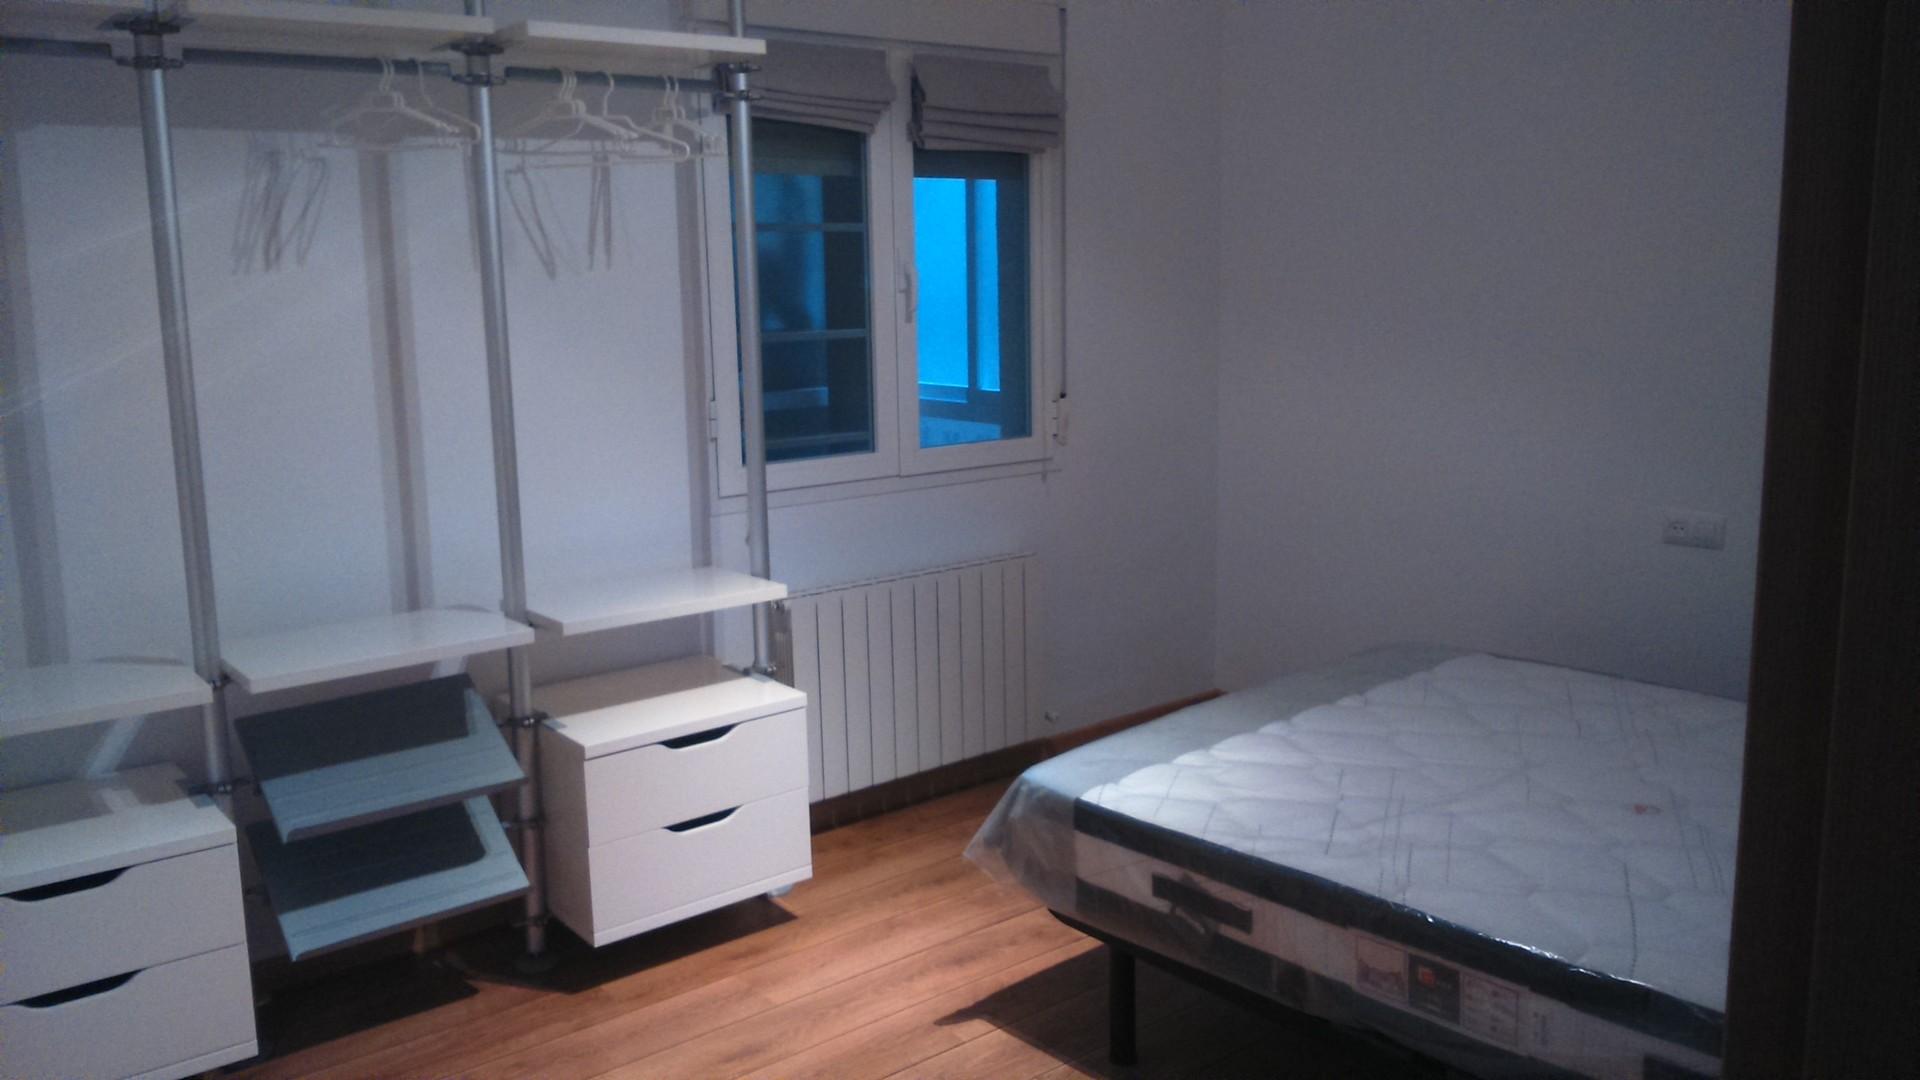 Habitaci n en piso compartido alquiler habitaciones Alquiler de habitacion en piso compartido